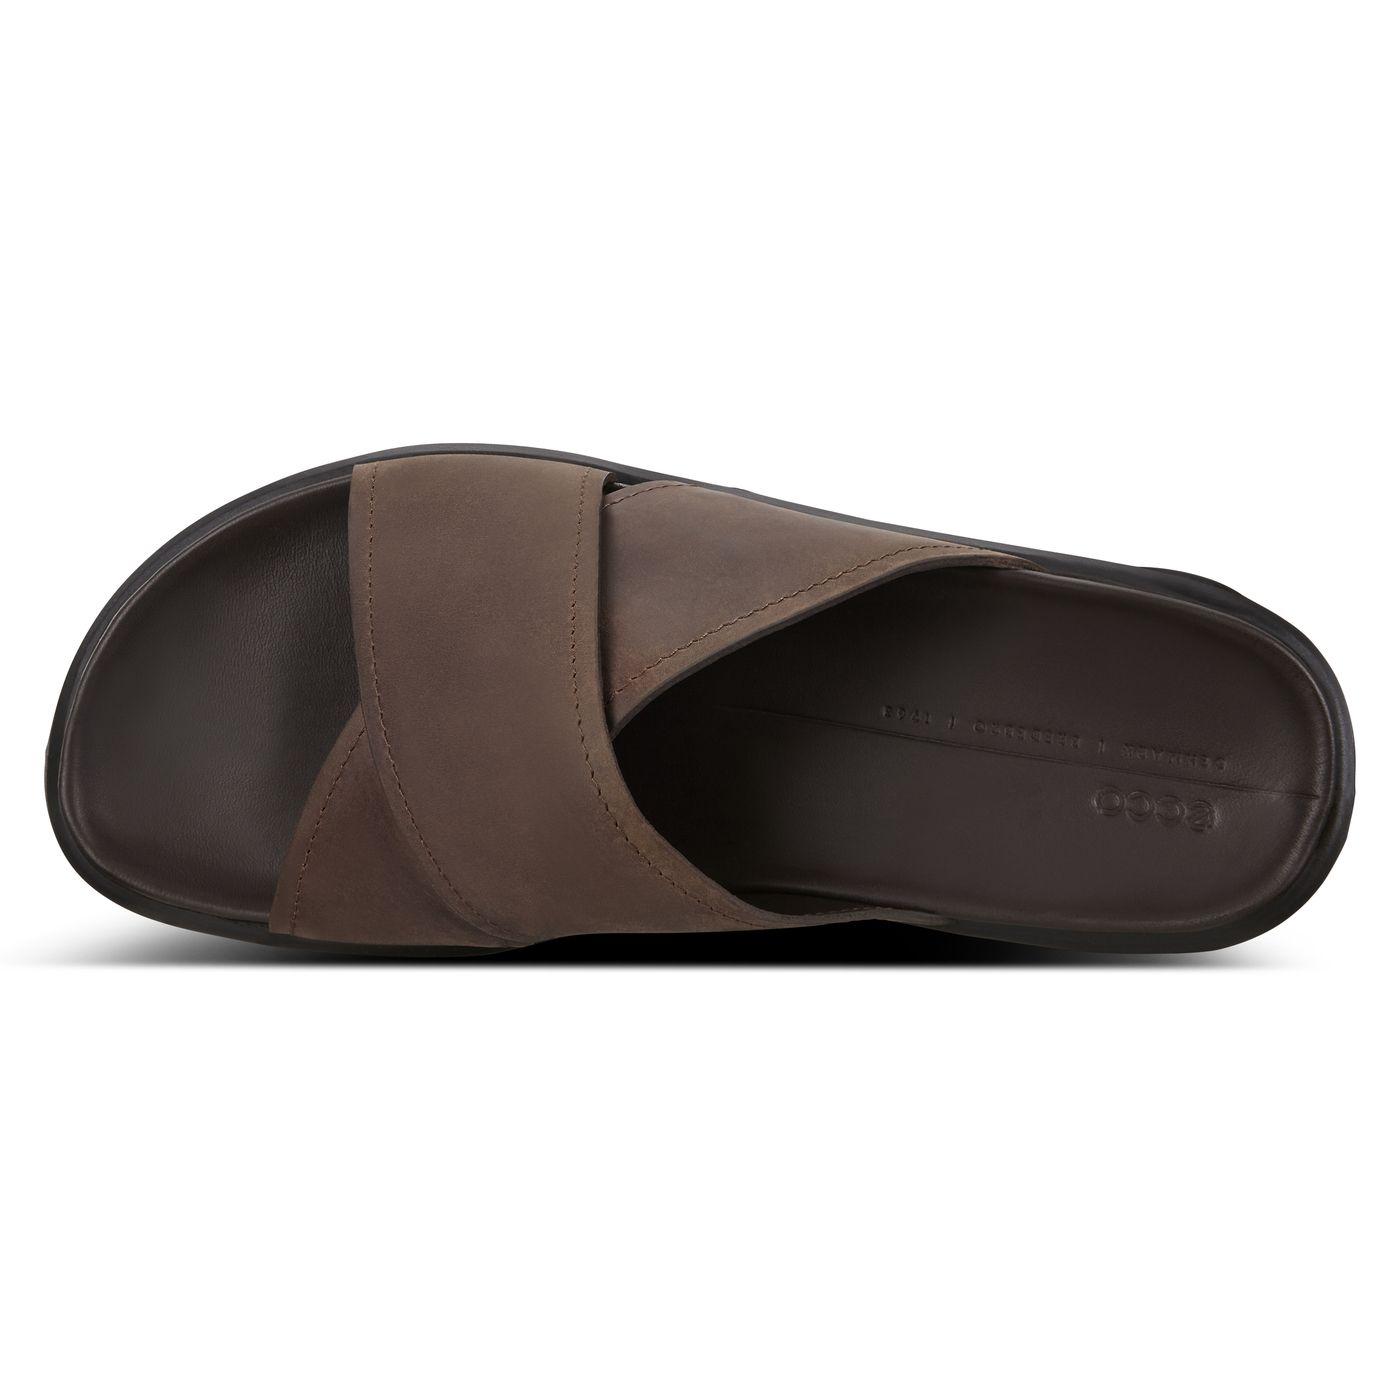 Ecco Flowt Lx Slide Men S Casual Sandals Ecco Shoes In 2020 Mens Sandals Casual Ecco Shoes Casual Sandals